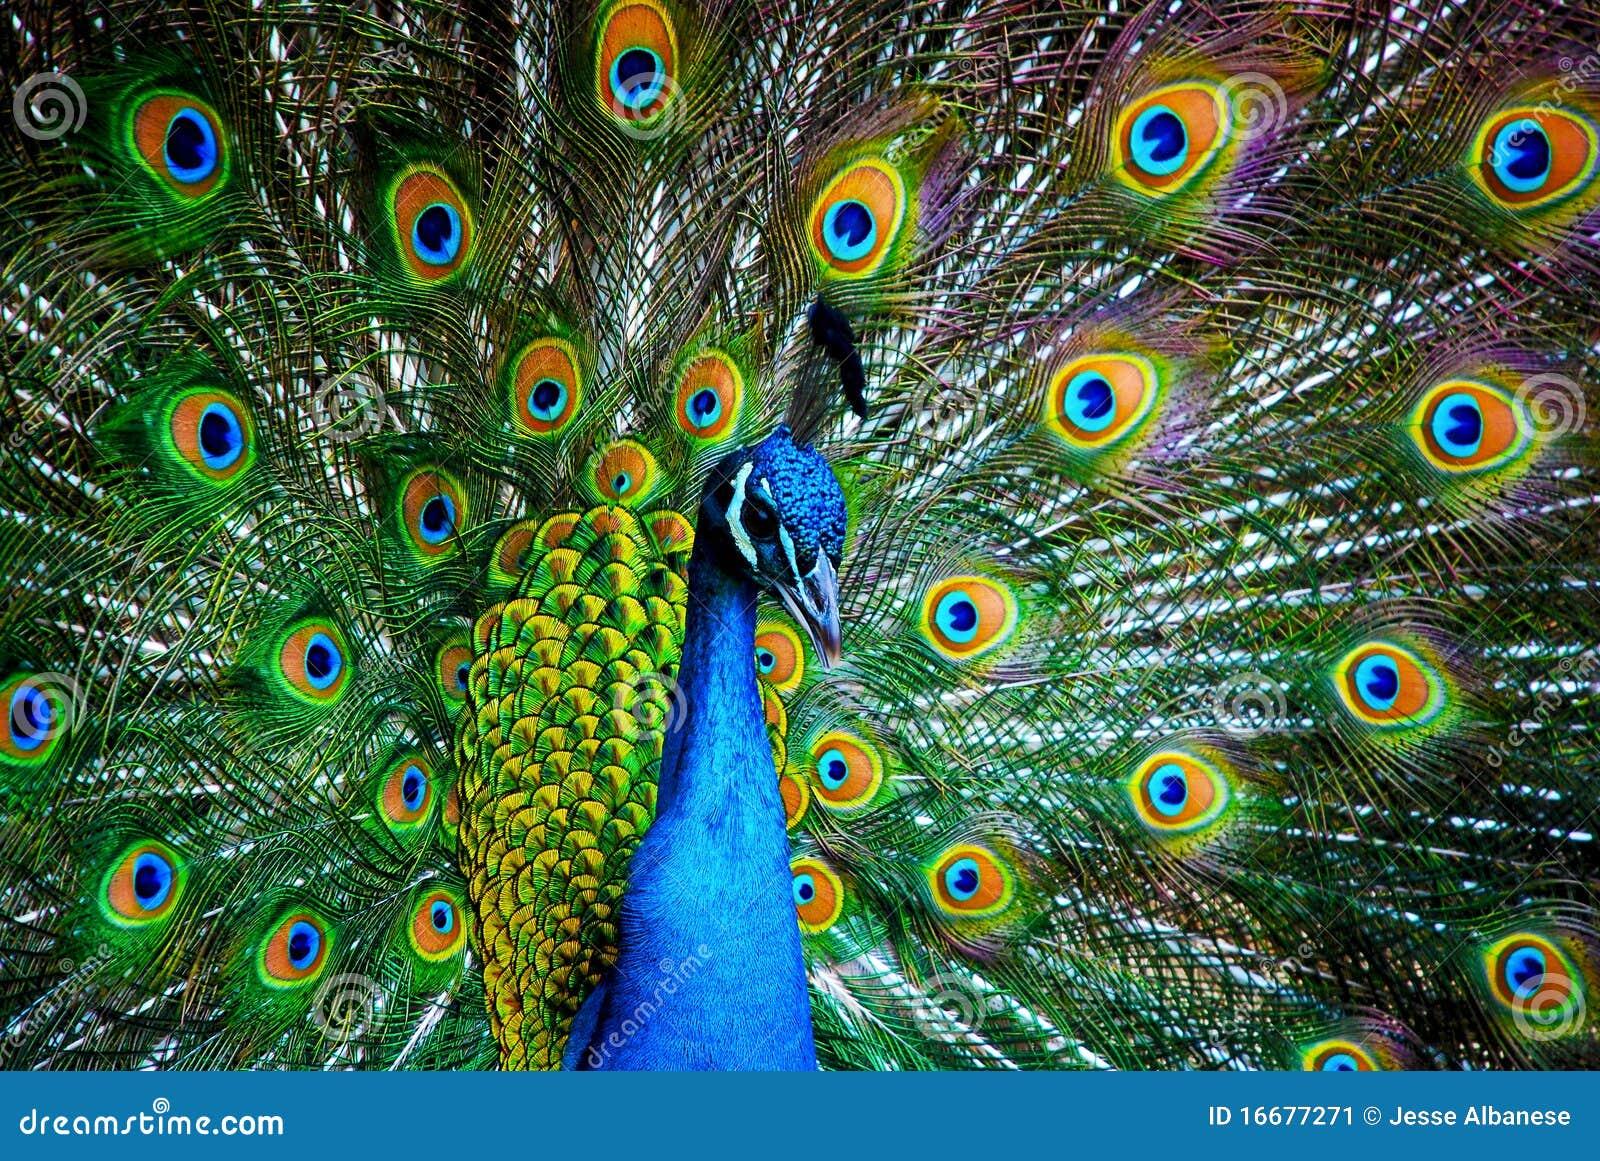 Pavo real imagen de archivo imagen de peacock p jaros 16677271 - Fotos de un pavo real ...